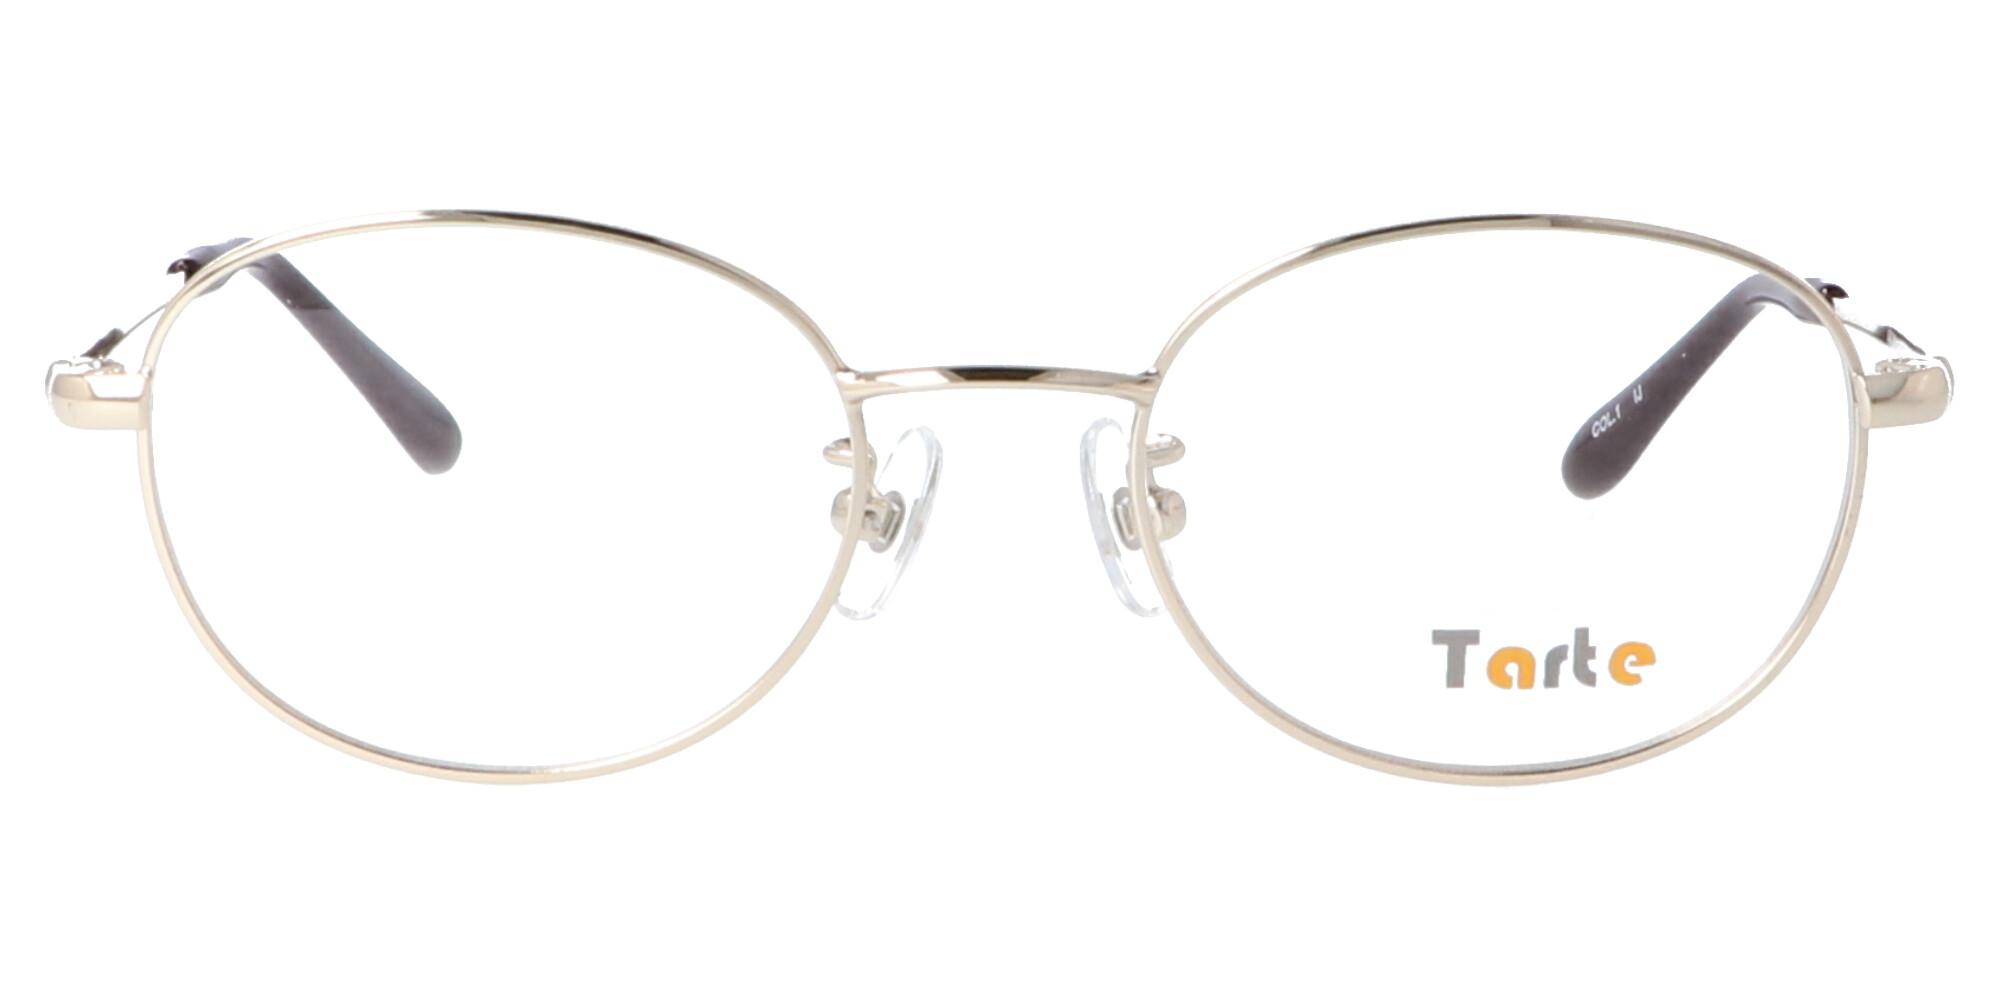 タルト TAR1519_48_ホワイトゴールド